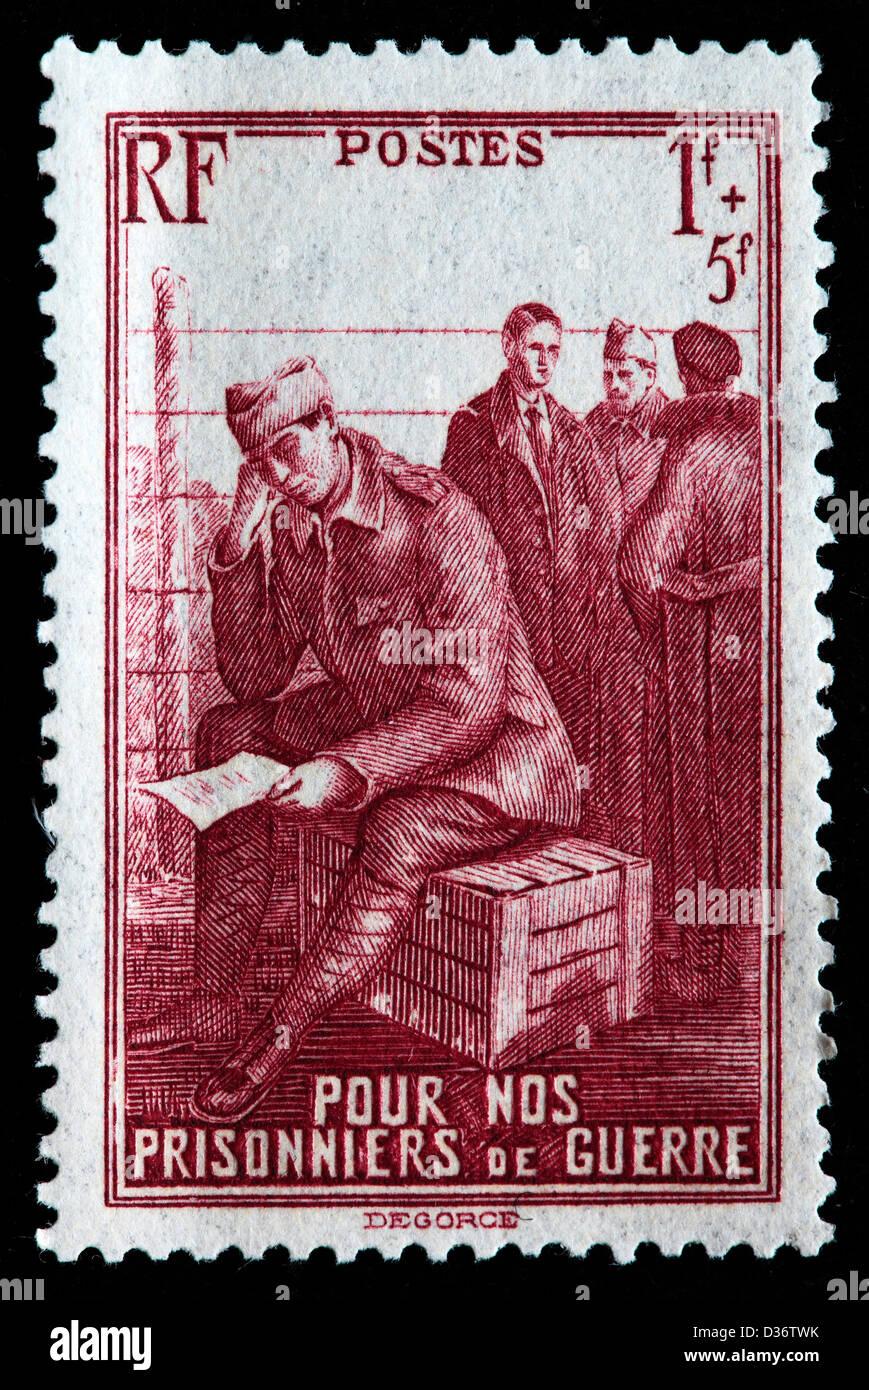 Prisoners of War, postage stamp, France, 1941 - Stock Image